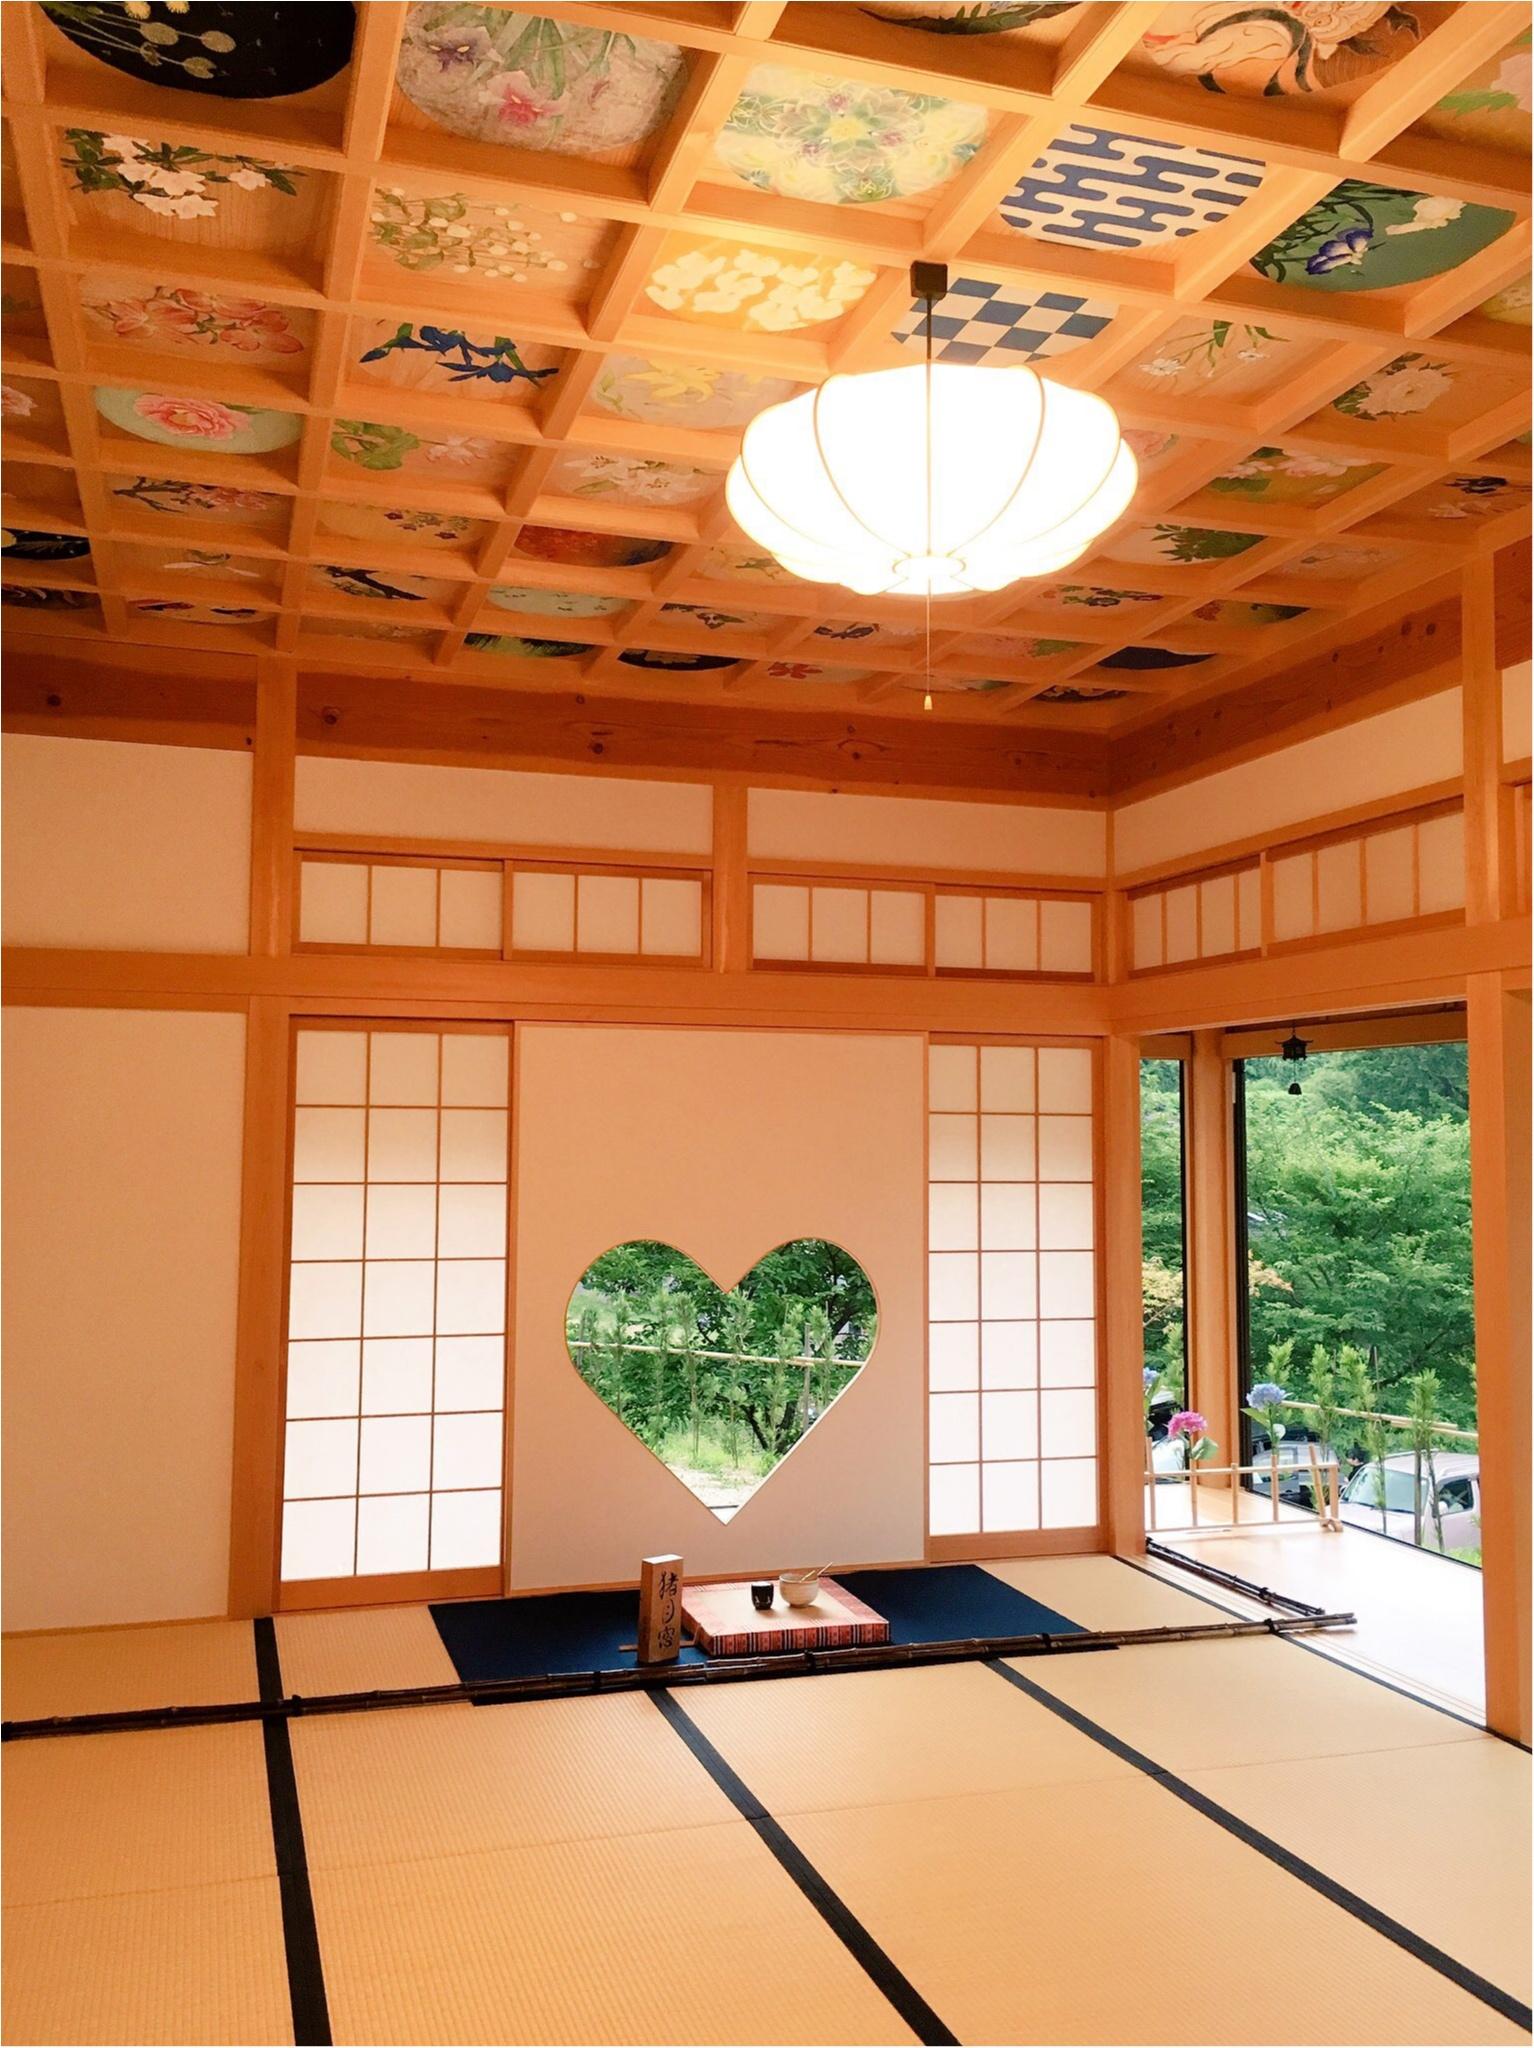 【フォトジェニックすぎる寺院】京都『正寿院』の魅力を紹介しちゃいます♡_4